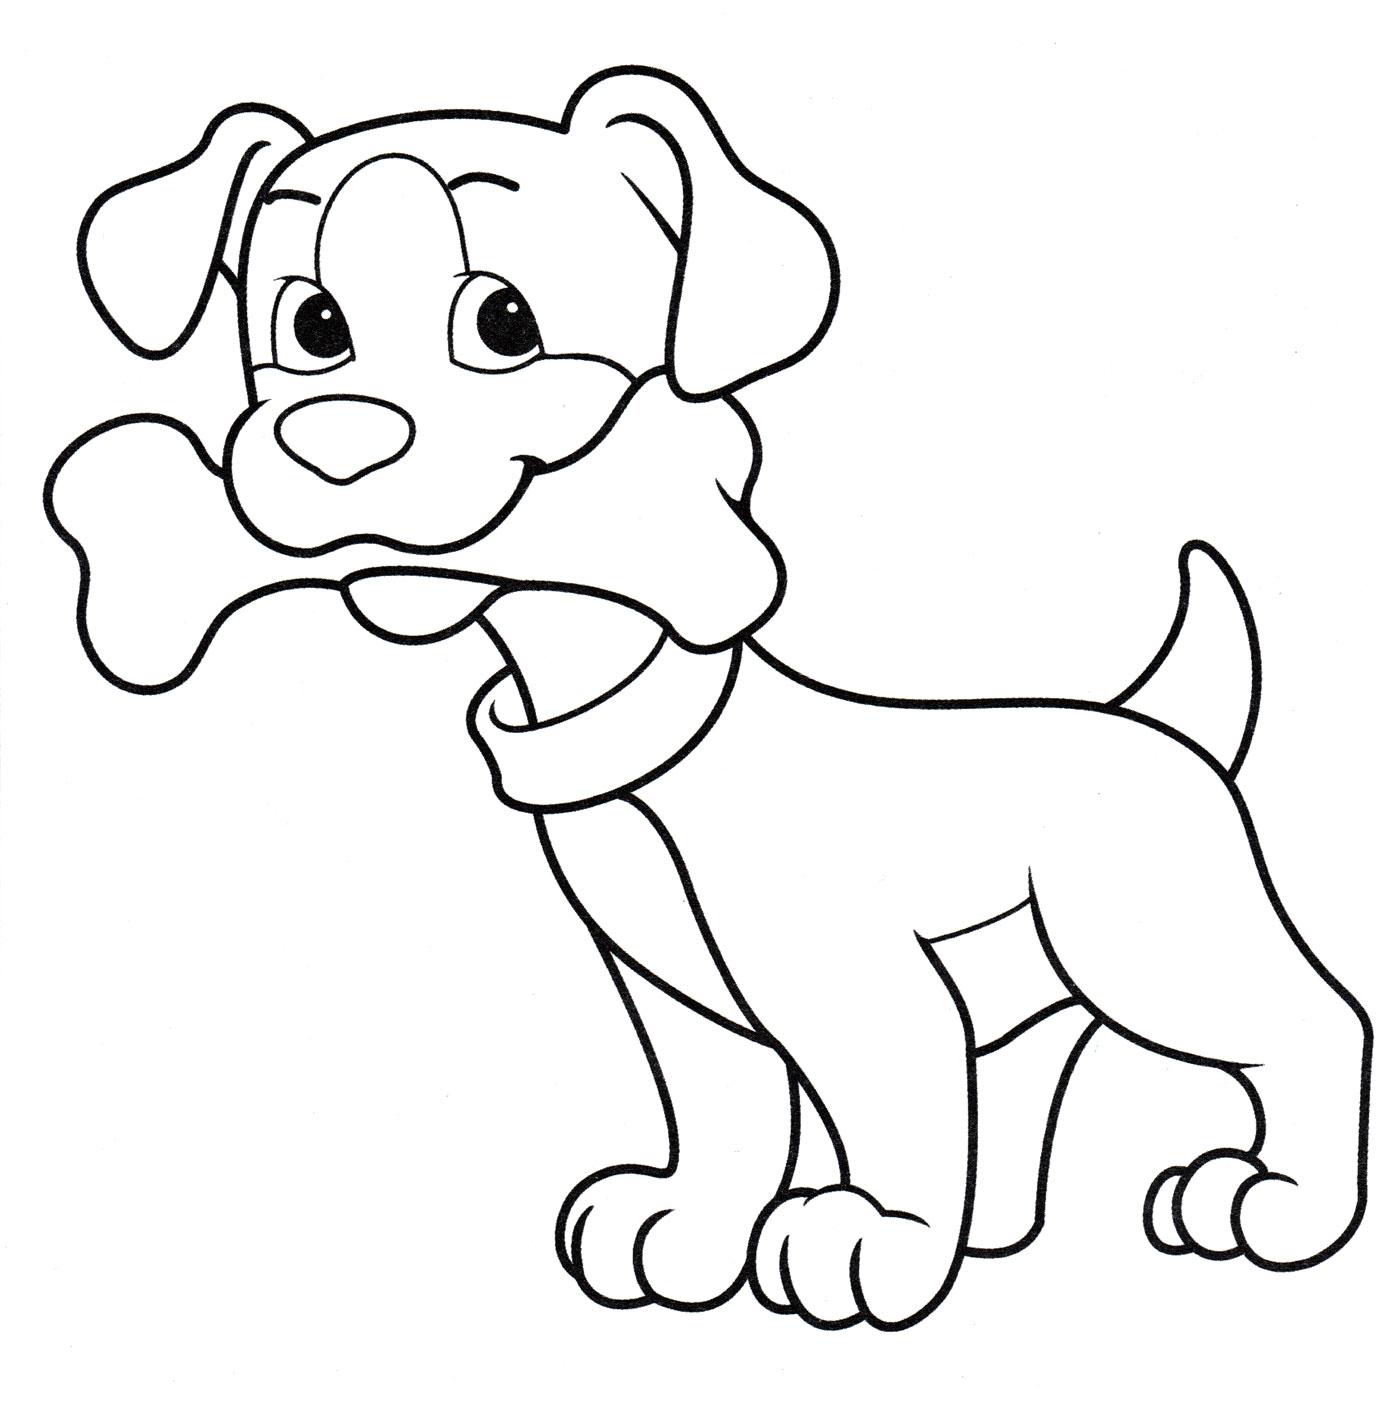 Раскраска Собачка держит кость - распечатать бесплатно